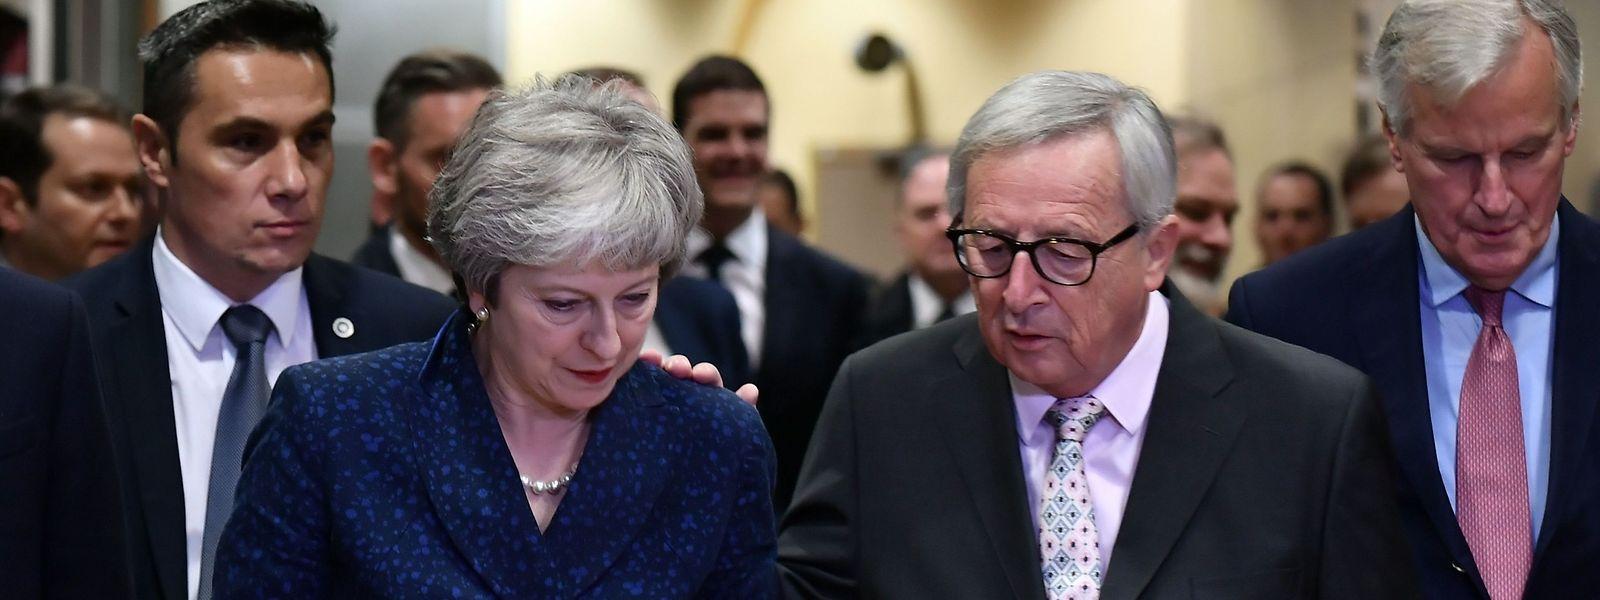 Englands Premierministerin Theresa May kam am Samstagabend zu einer letzten Gesprächsrunde mit EU-Kommissionspräsident Jean-Claude Juncker zusammen.